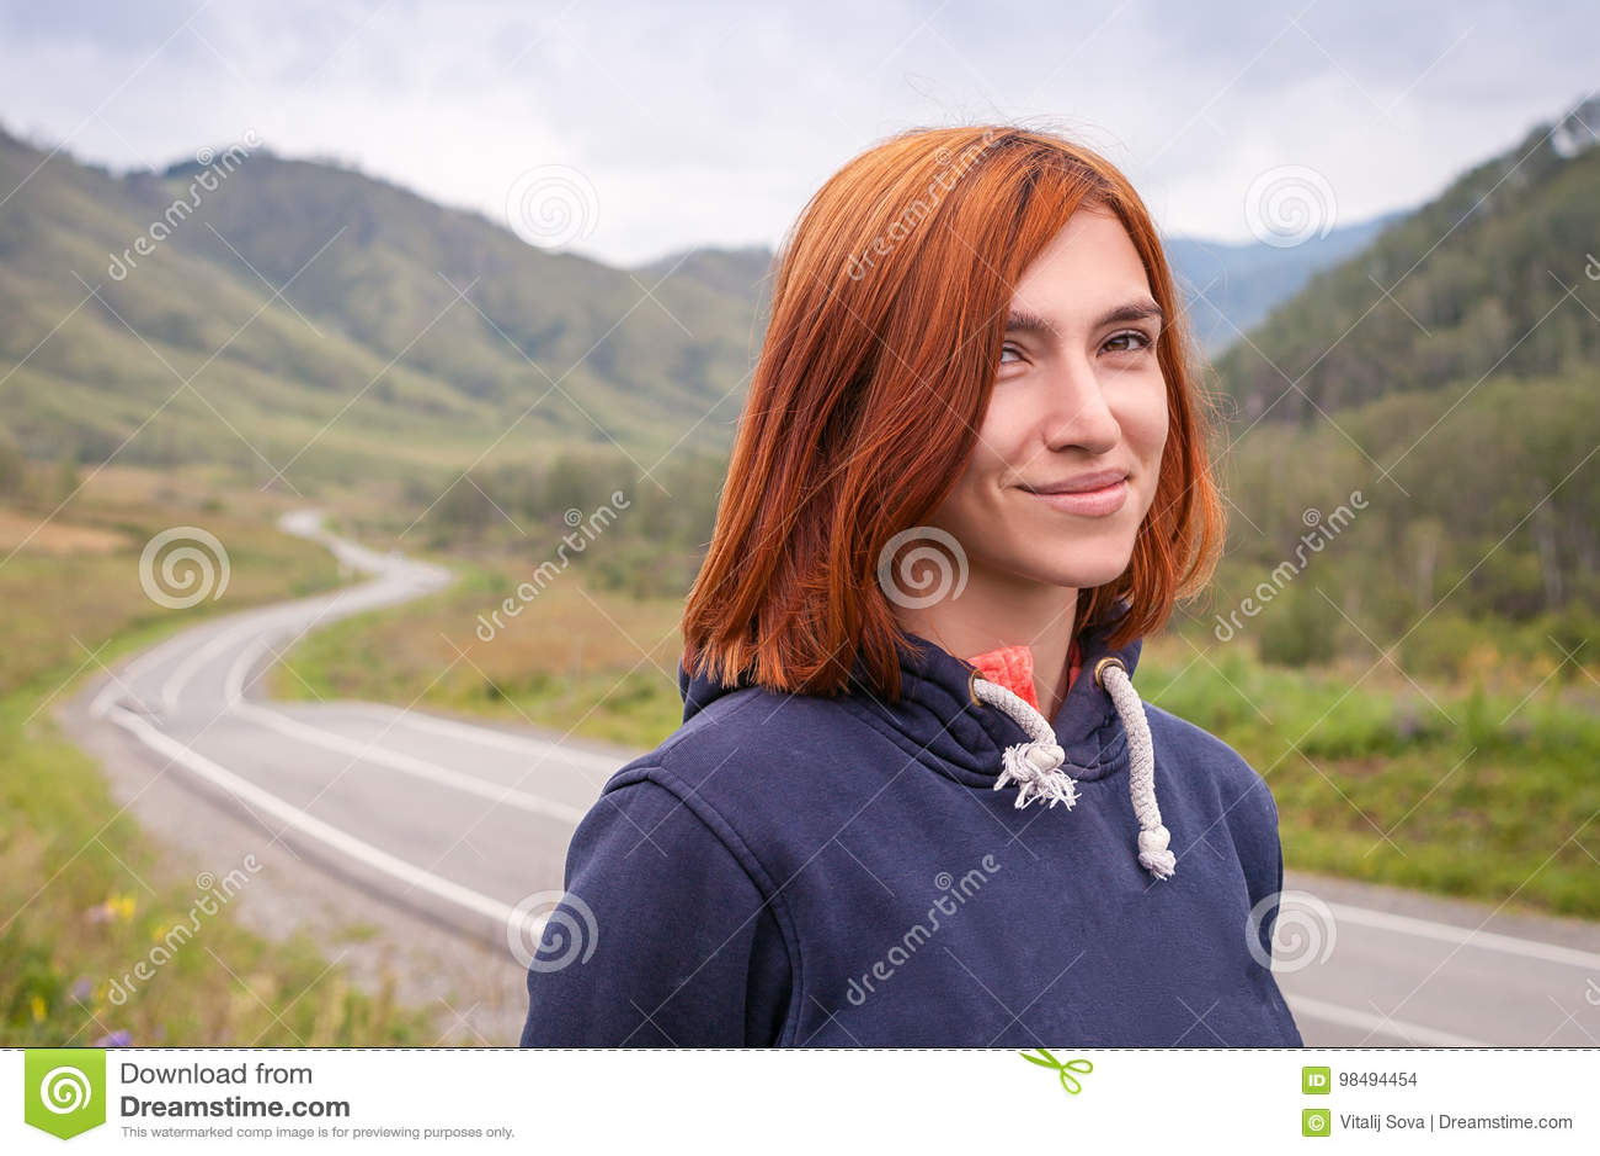 Retrato de una mujer pelirroja